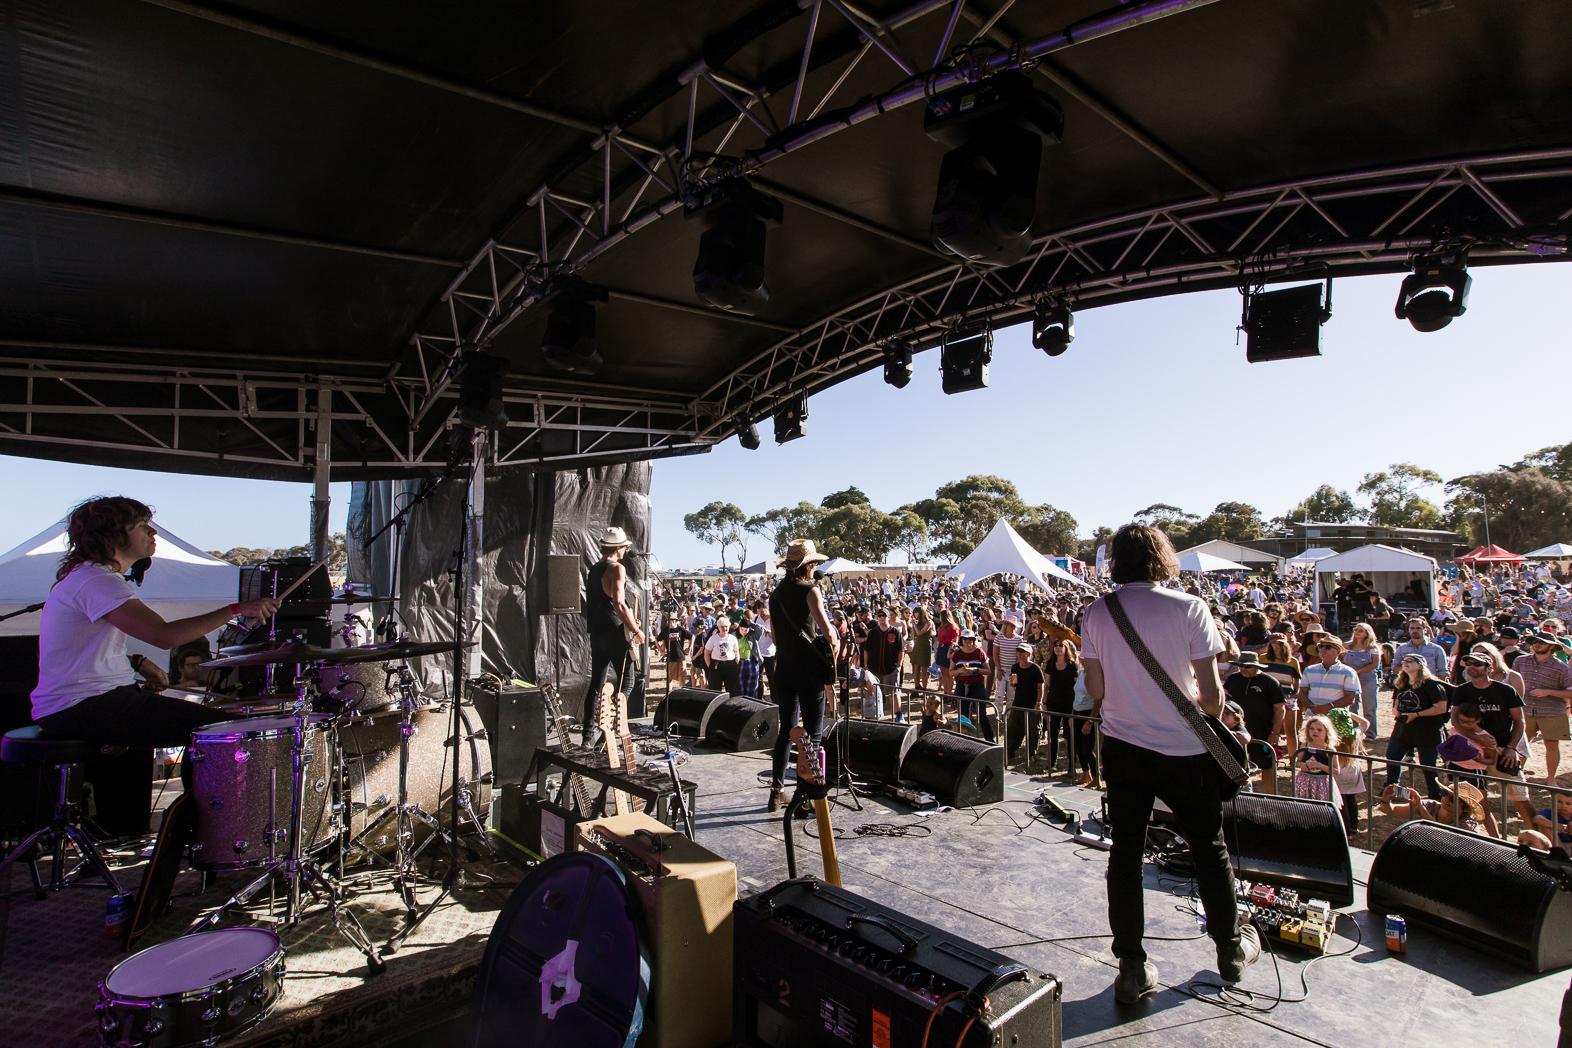 Ocean_Sounds_Festival_2018_LMP-258.jpg